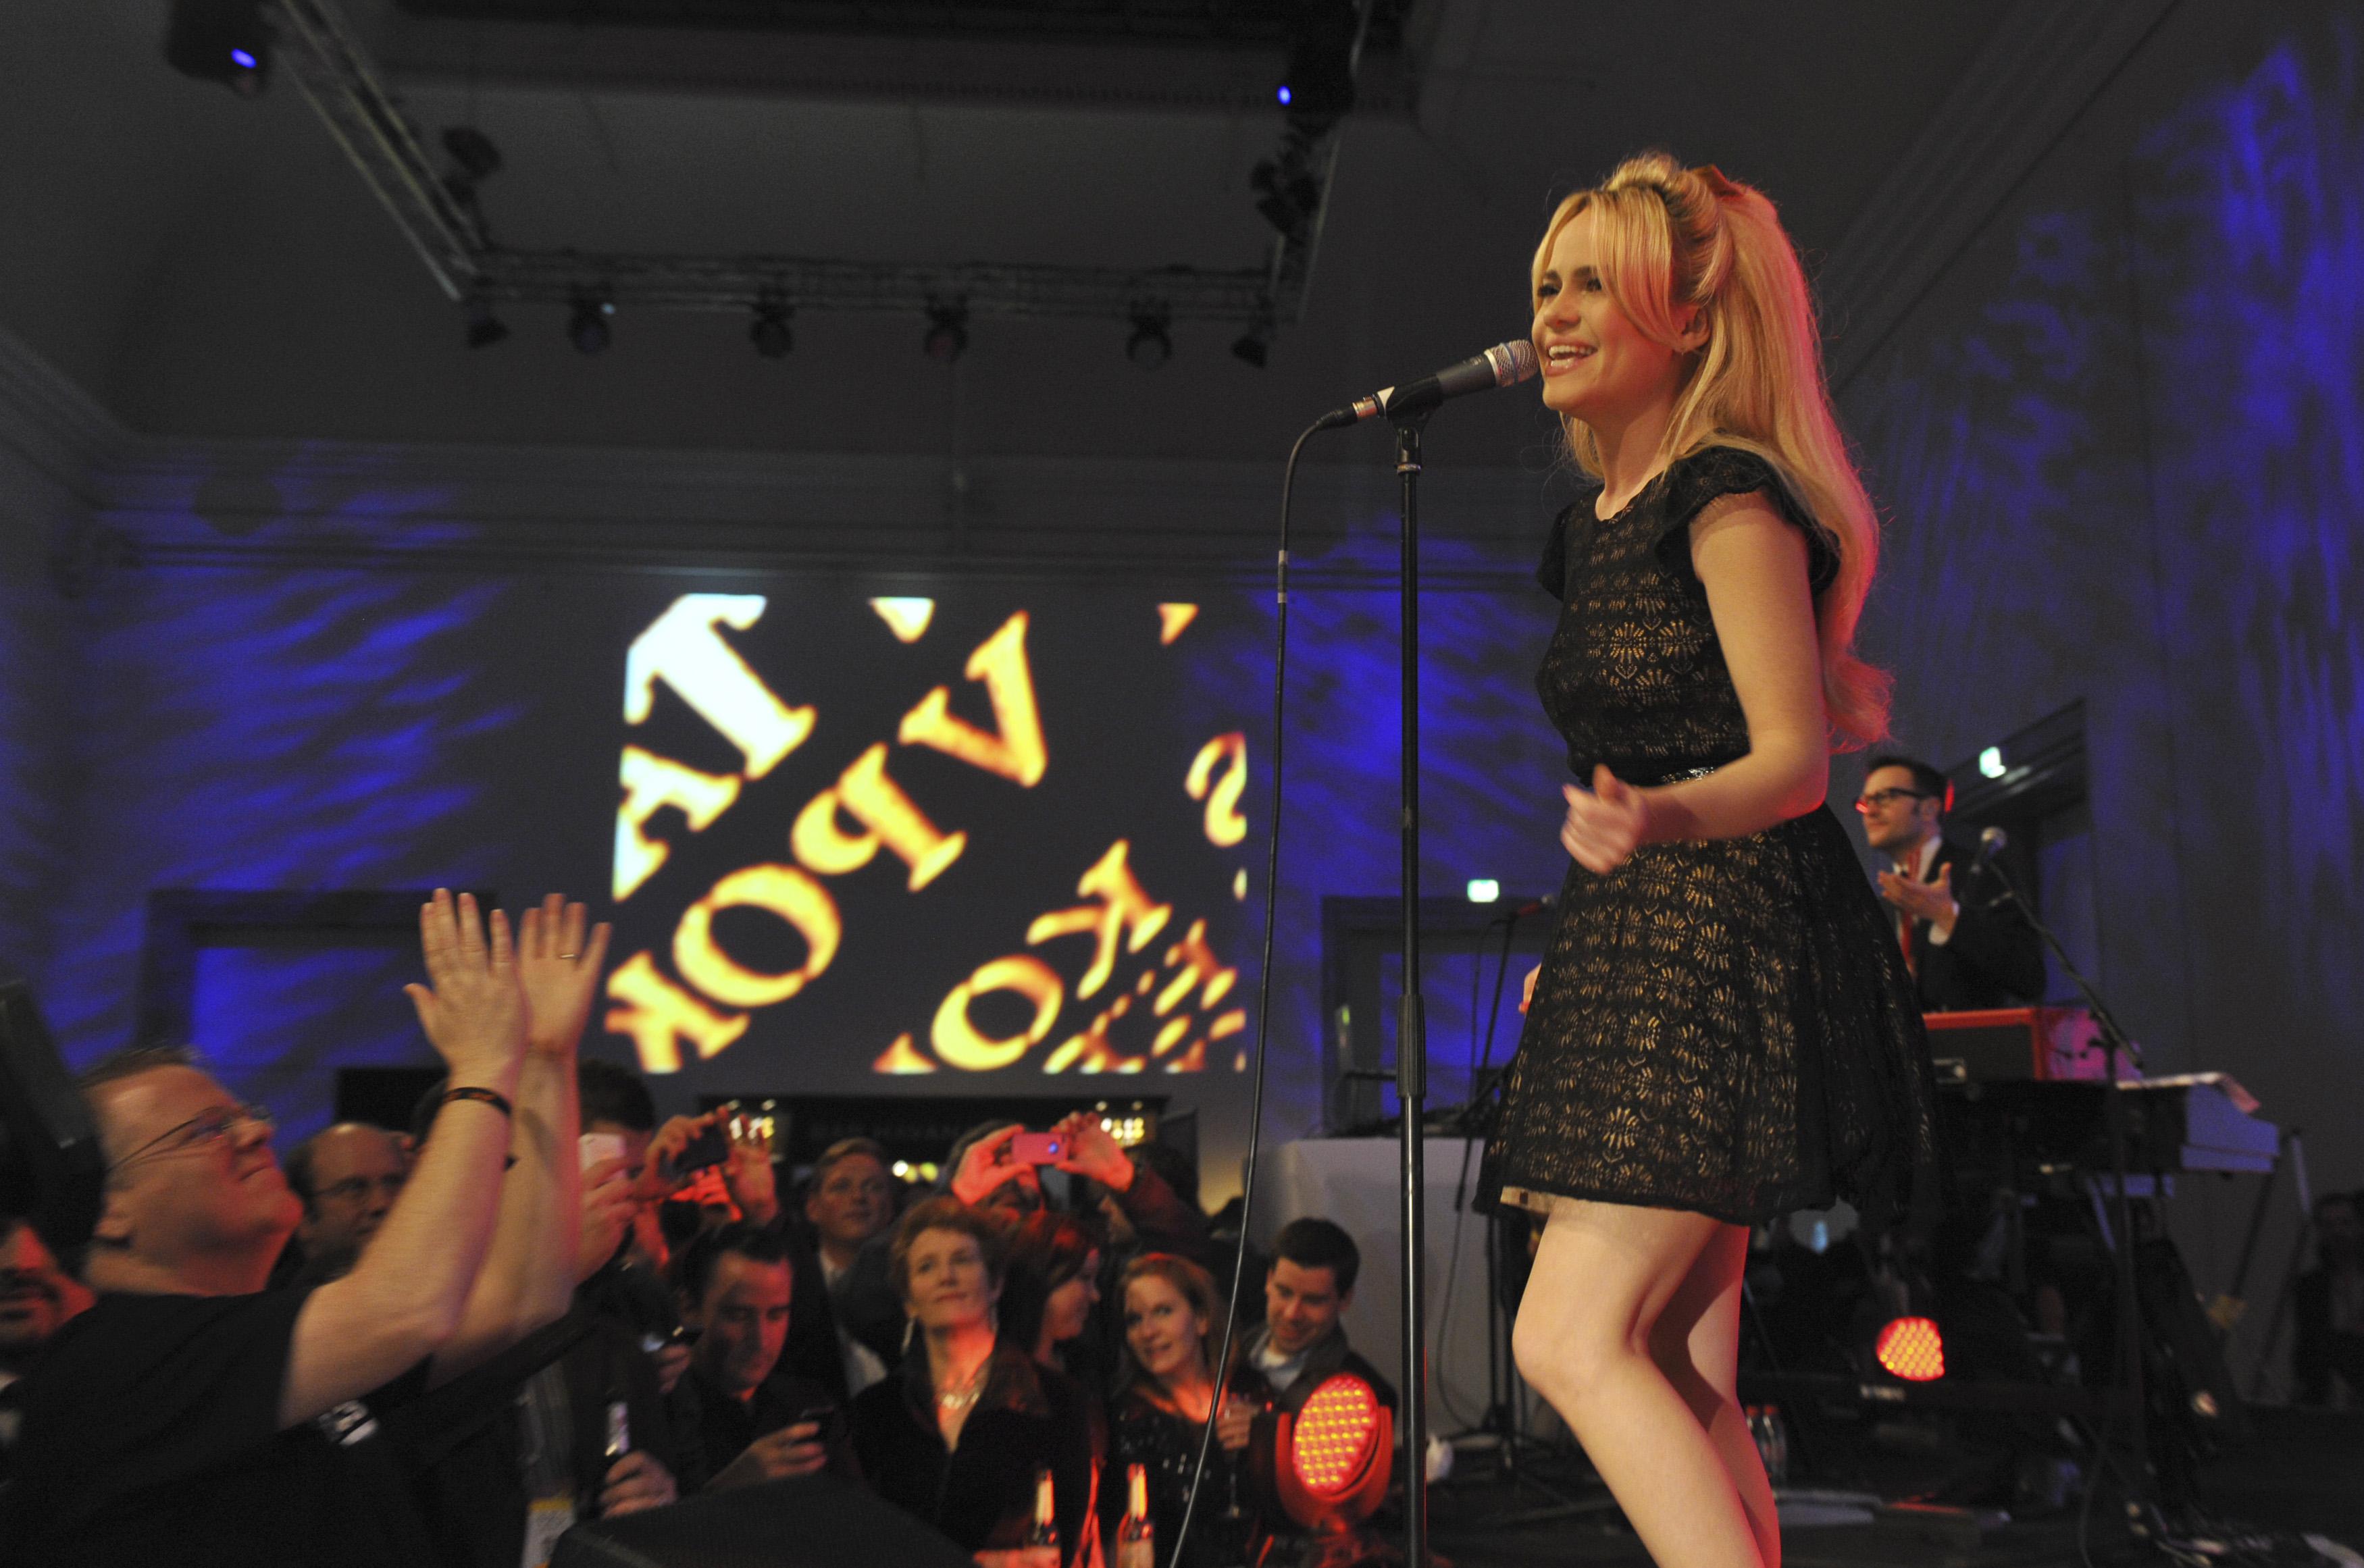 """След като печели """"Грами"""" и тринагради БРИТ през 2009 г. за албумаRockferry.Дъфи беше на път да бъде най-голямата соул певица от Уелс след Шърли Беси.Тя продаде милиони копия на хитовите си сингли Mercy и Warwick Avenue. По време, рекламната кампанията за известна диетична газирана напитка, нещата започват да се променят за певицата.Успехът започна да кара Дъфи да се чувства неудобно."""